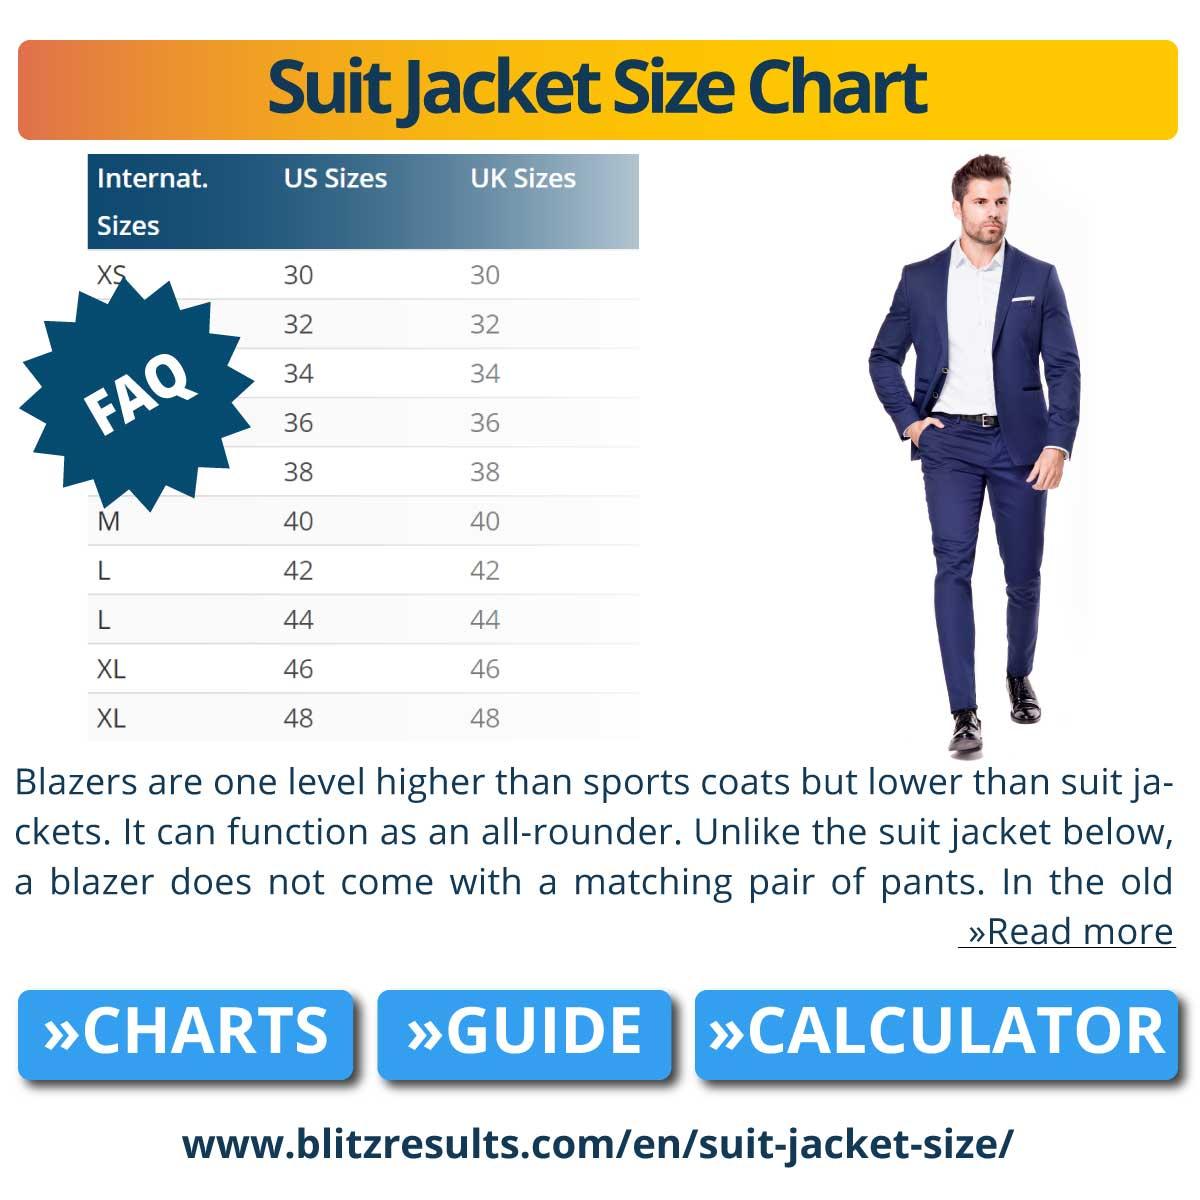 Suit Jacket Size Chart